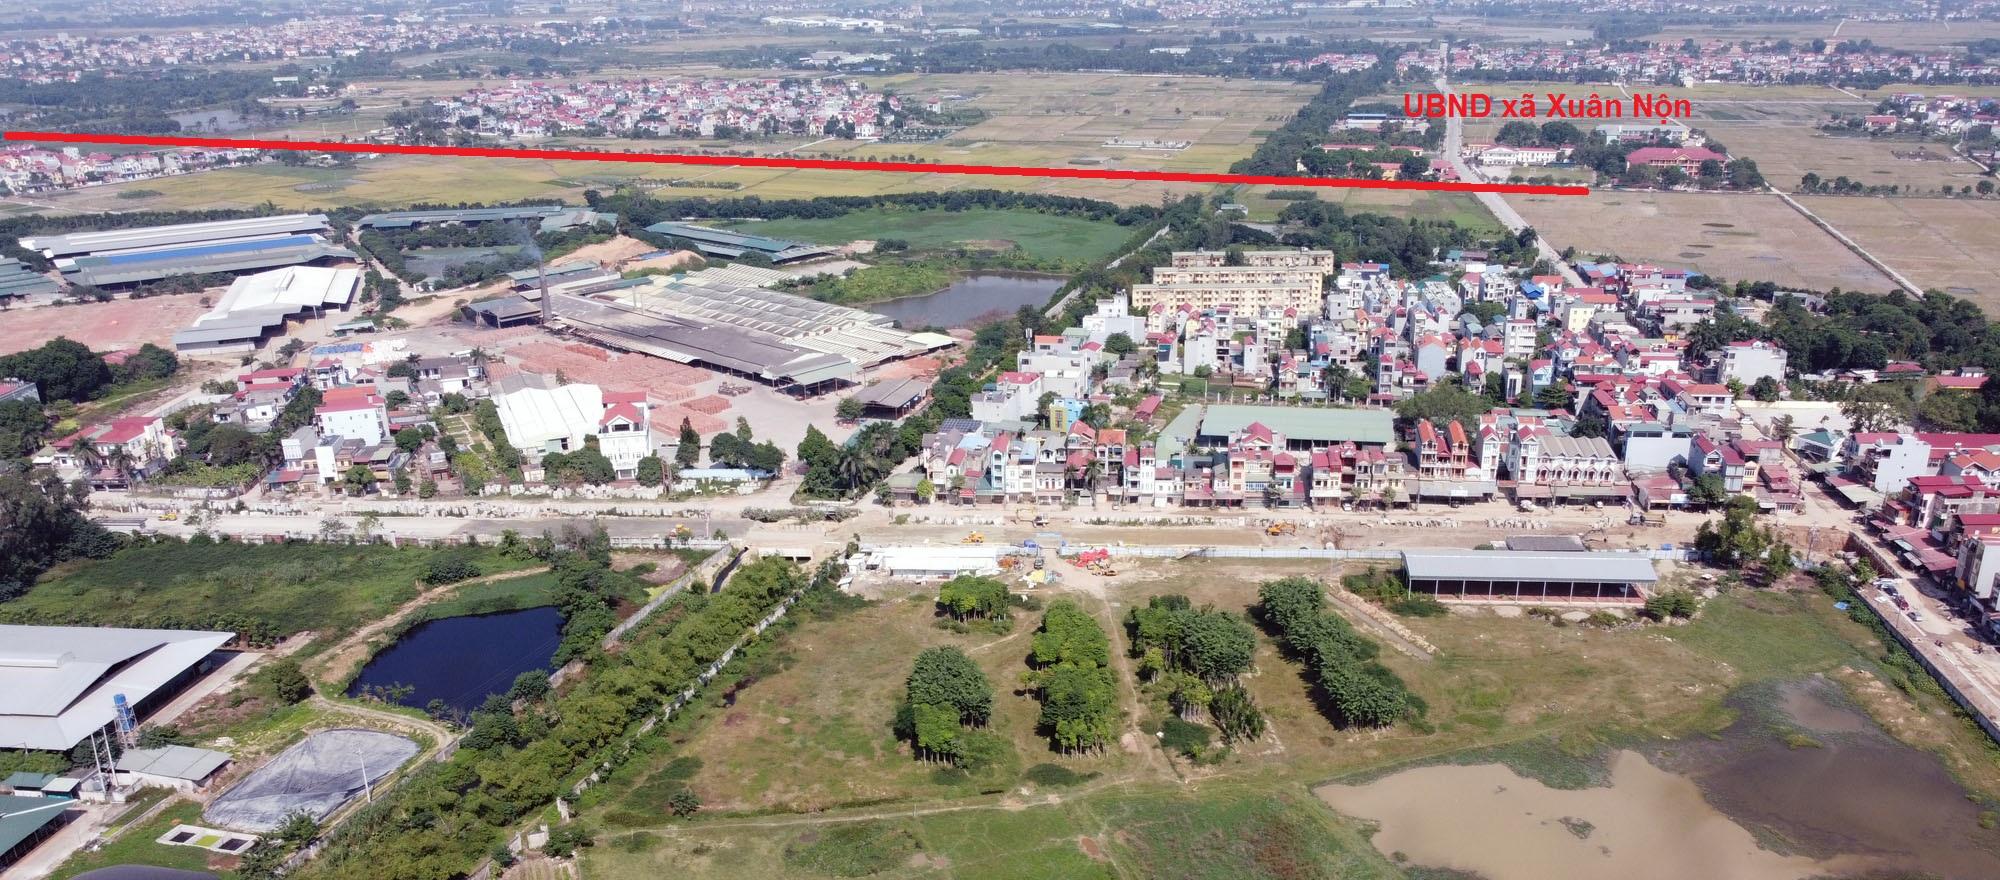 Ba đường sẽ mở theo qui hoạch ở xã Xuân Nộn, Đông Anh, Hà Nội - Ảnh 10.